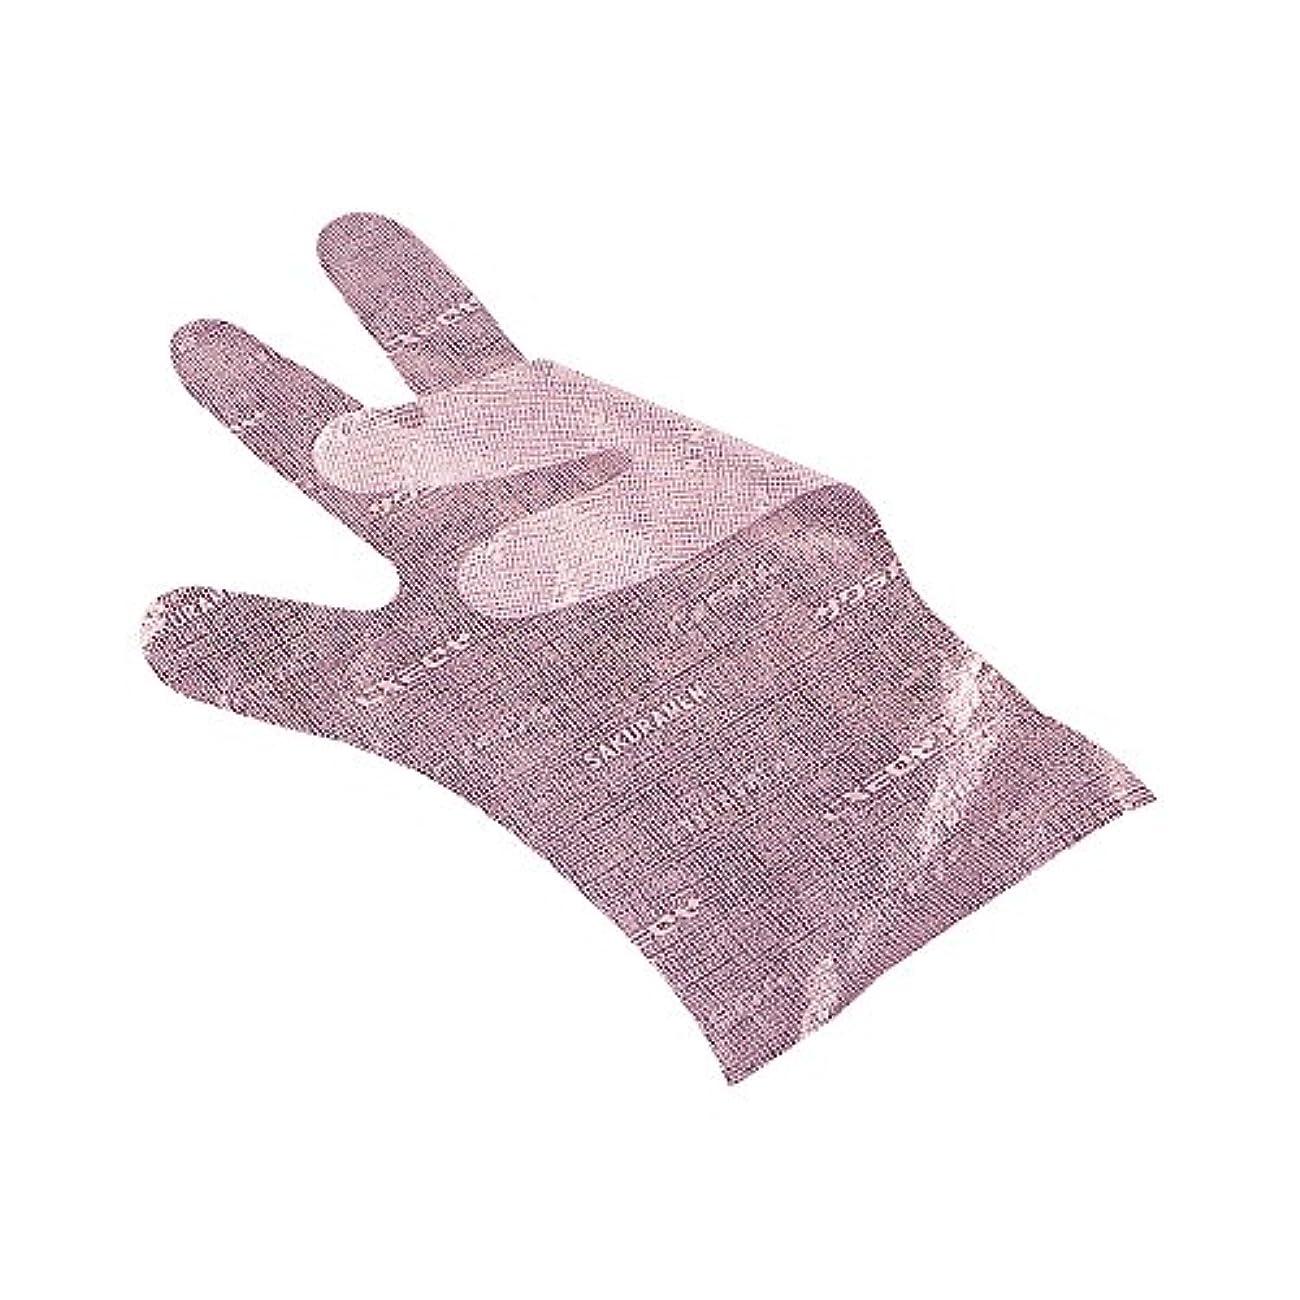 タクト目立つソフトウェアサクラメンエンボス手袋 デラックス ピンク M 100枚入